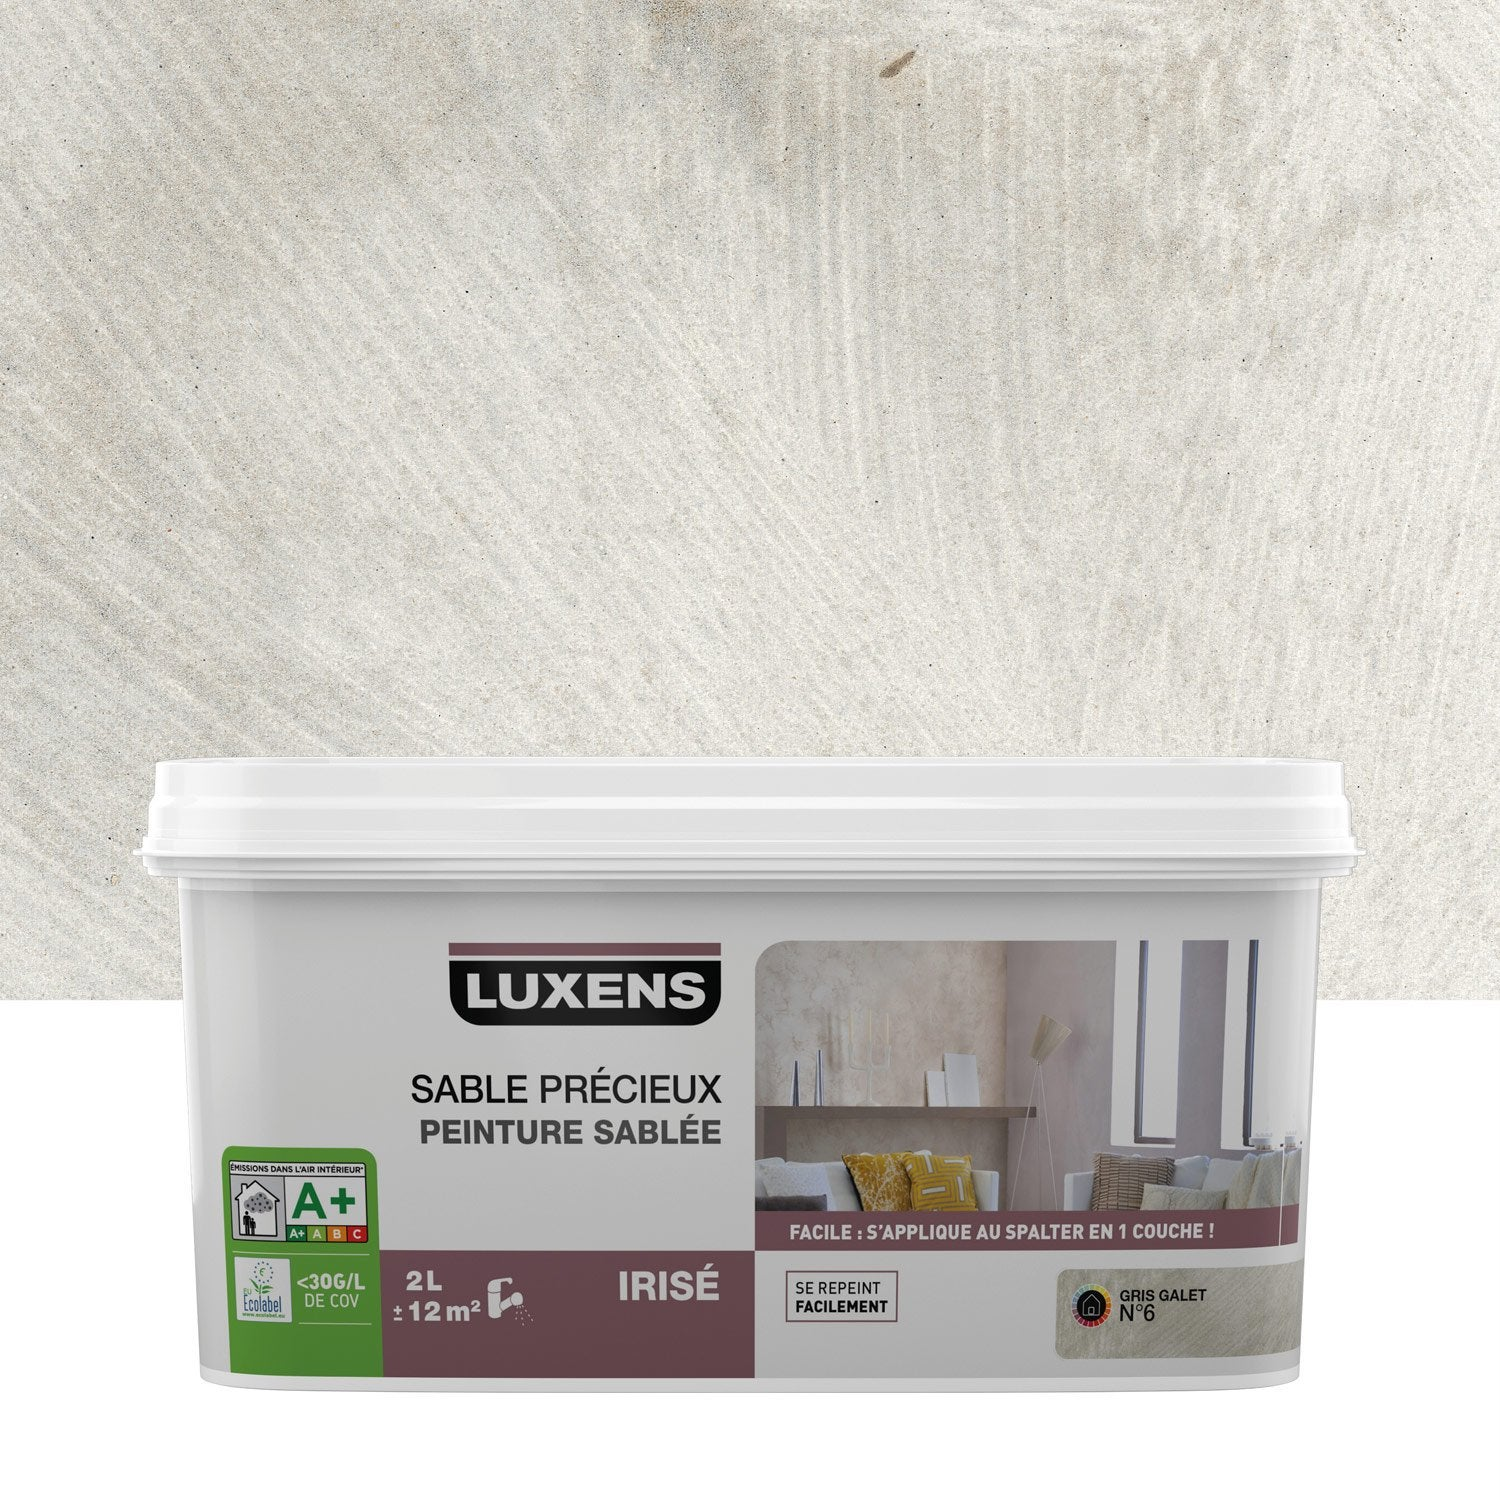 Peinture effet sable pr cieux luxens gris galet 6 2 l leroy merlin - Les decoratives leroy merlin ...